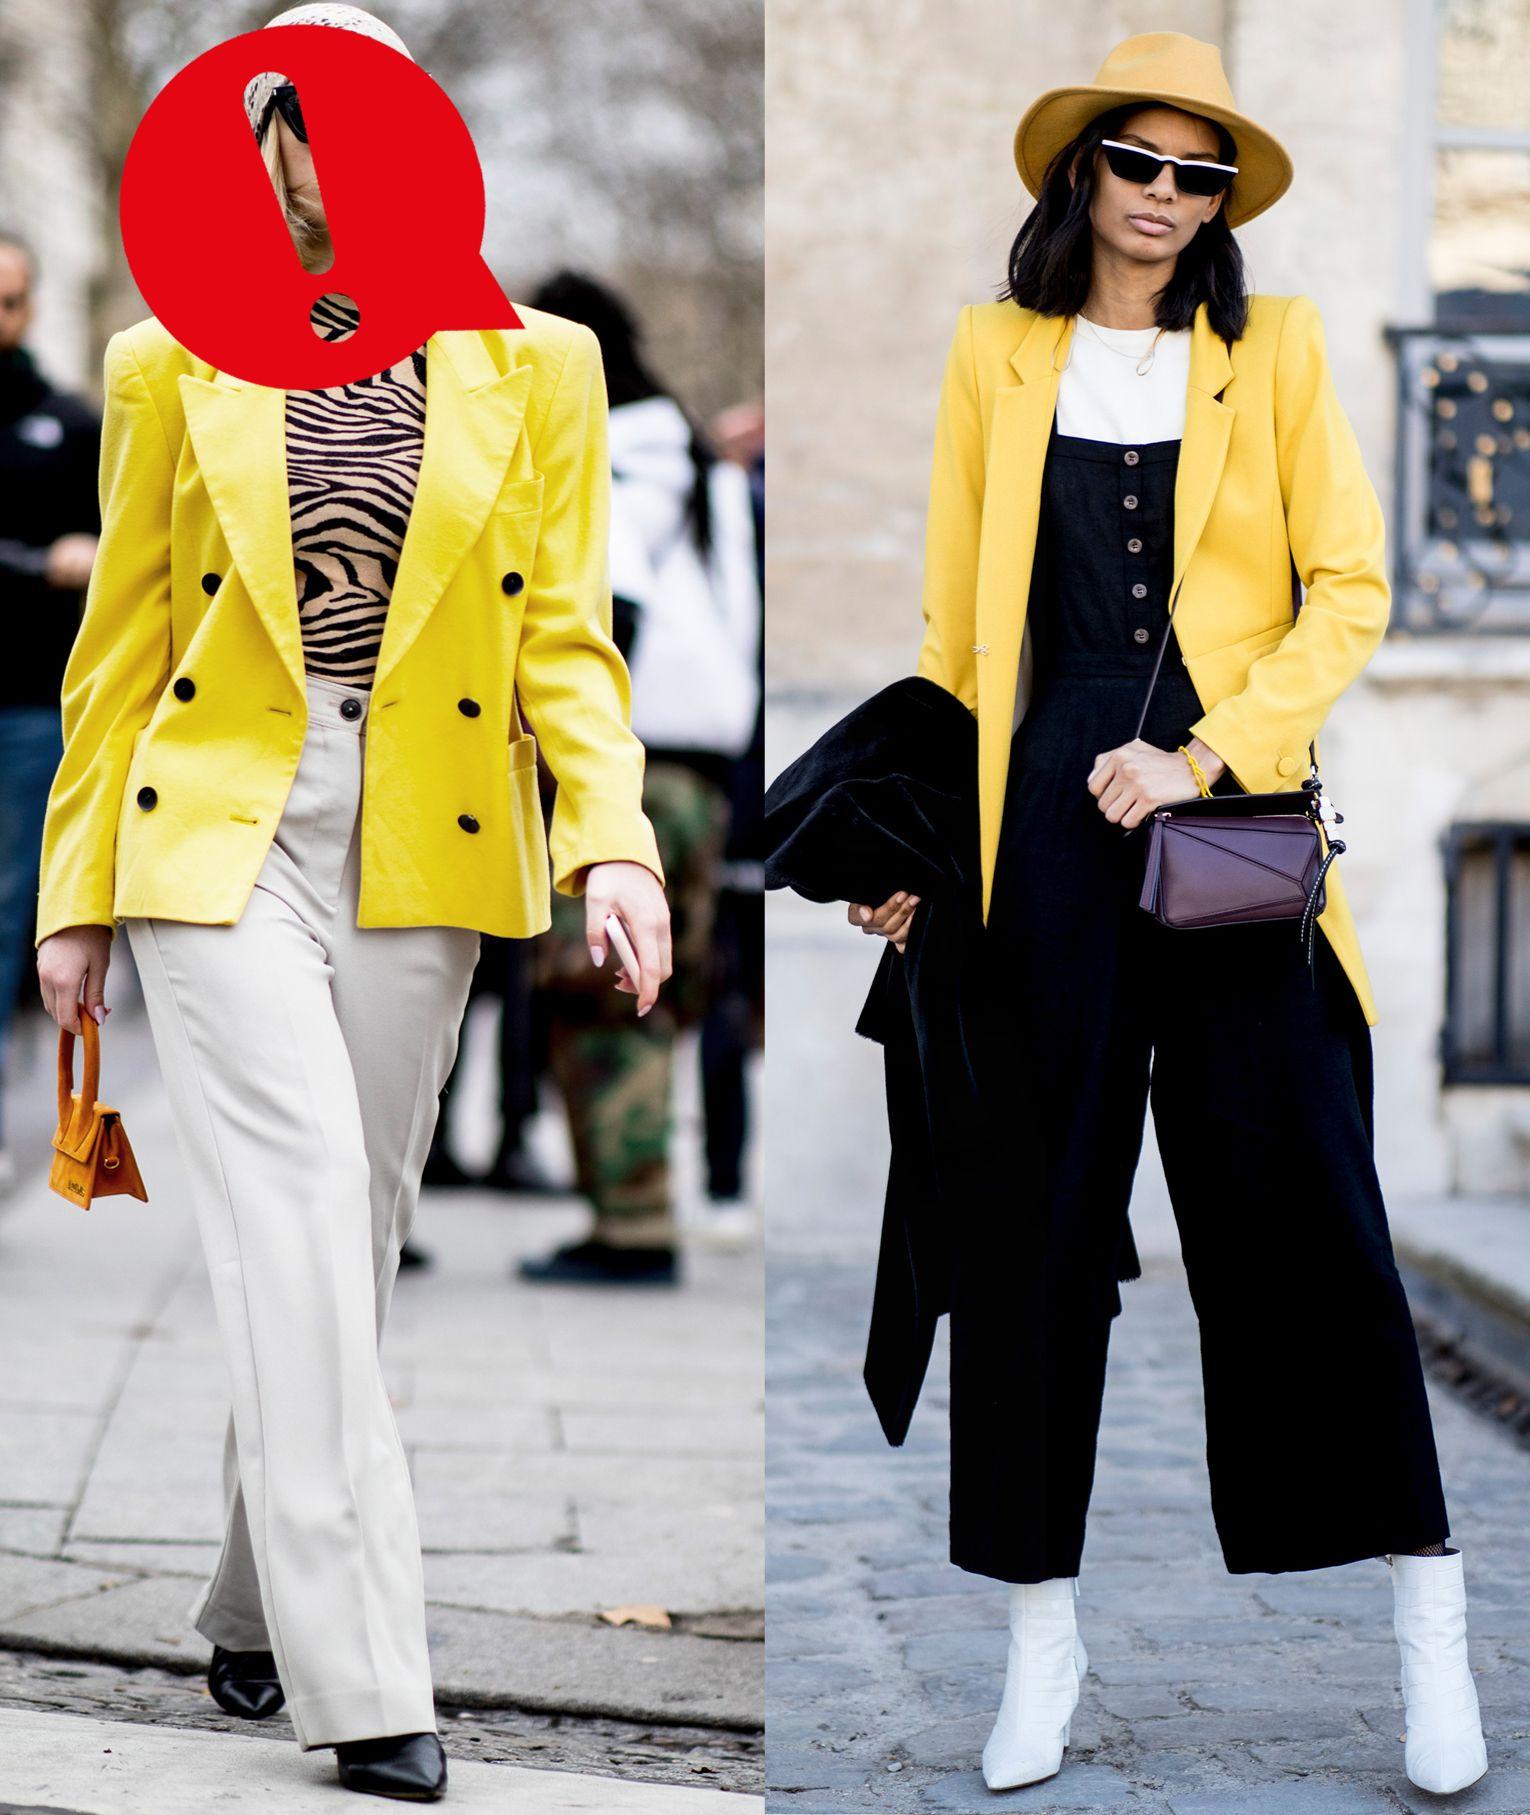 La moda primavera estate 2019 inserisce nelle tendenze l'uso smodato del colore giallo, una tonalità sì luminosa ma anche rischiosa se mal abbinata con altri colori o, peggio, con il colore della pelle.